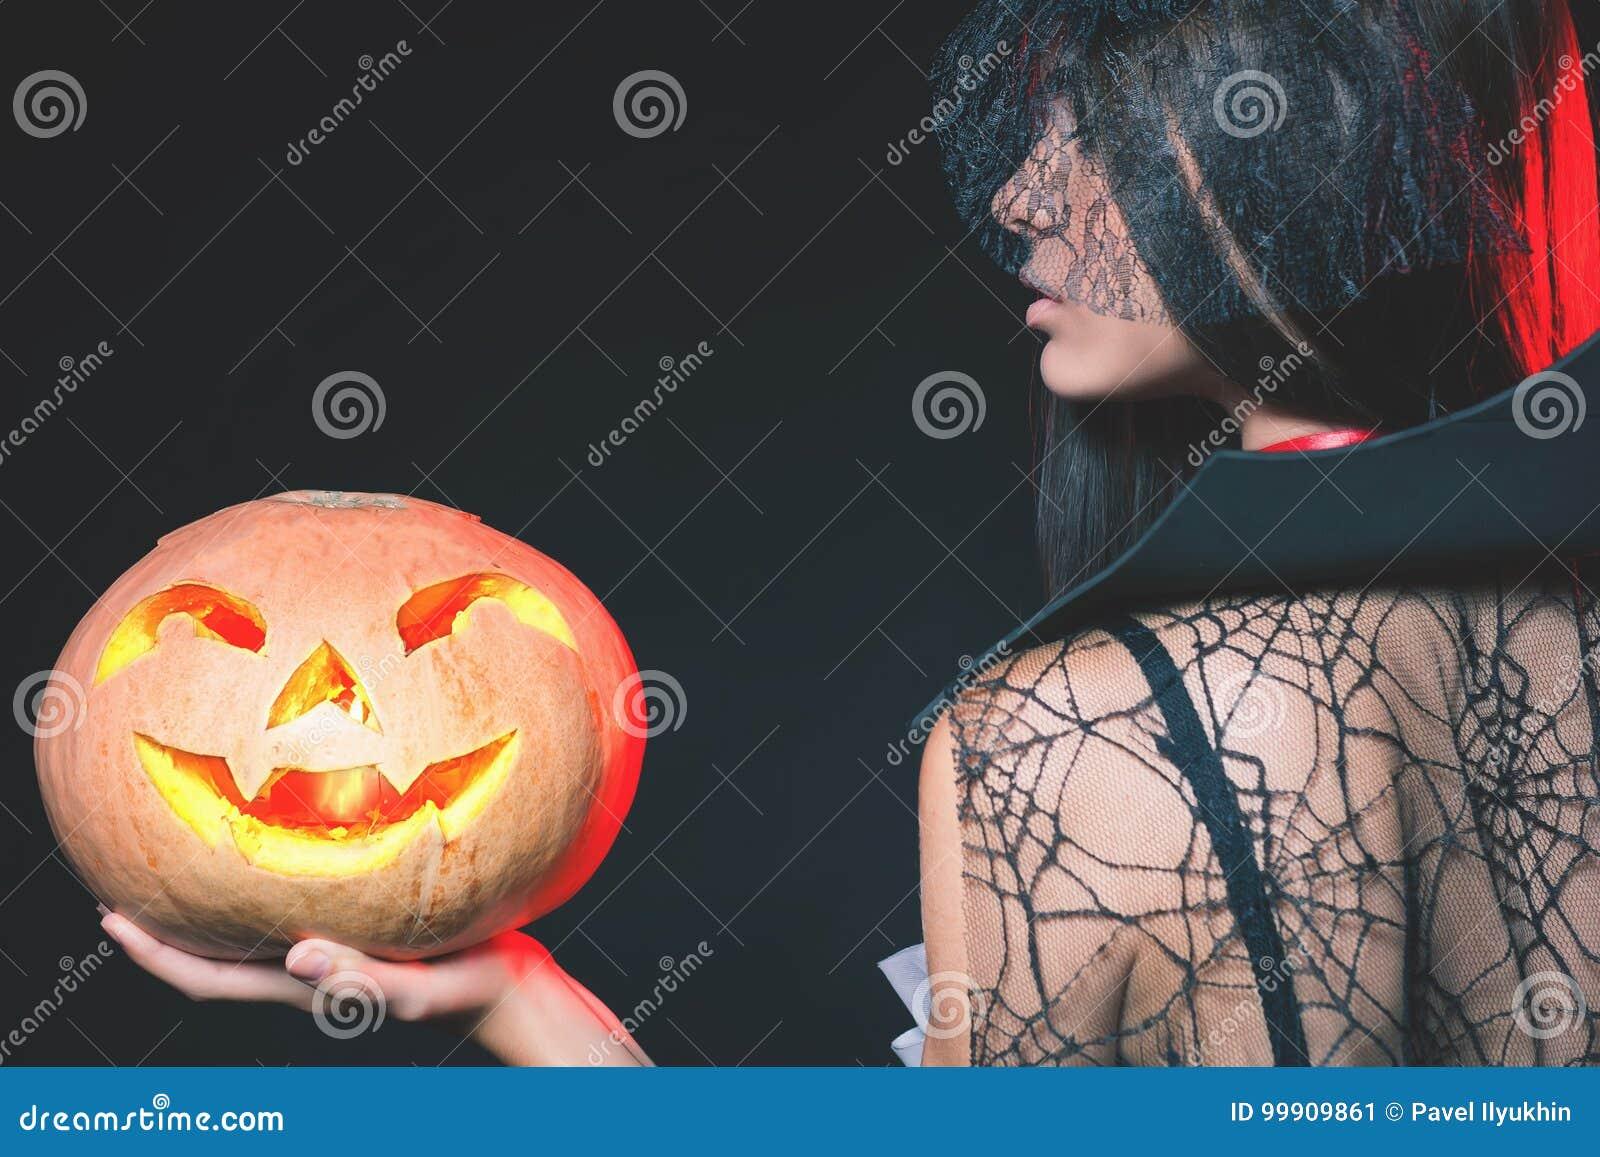 Wejście ogranicza klub nocny, kod ubioru Halloween przyjęcie 2017